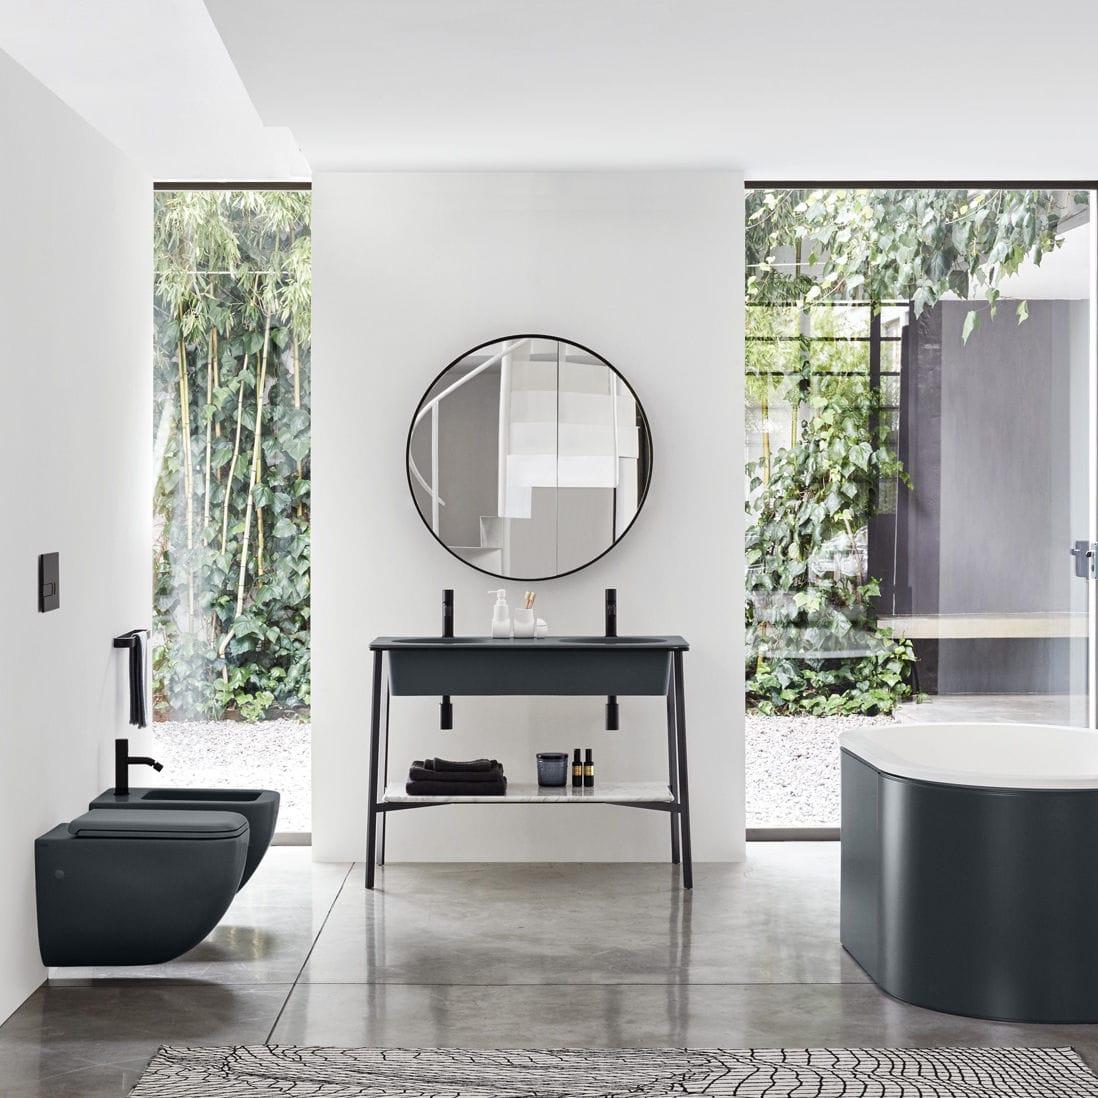 Waschtischunterschrank freistehend  Doppel-Waschtischunterschrank / freistehend / Holz / aus Keramik ...